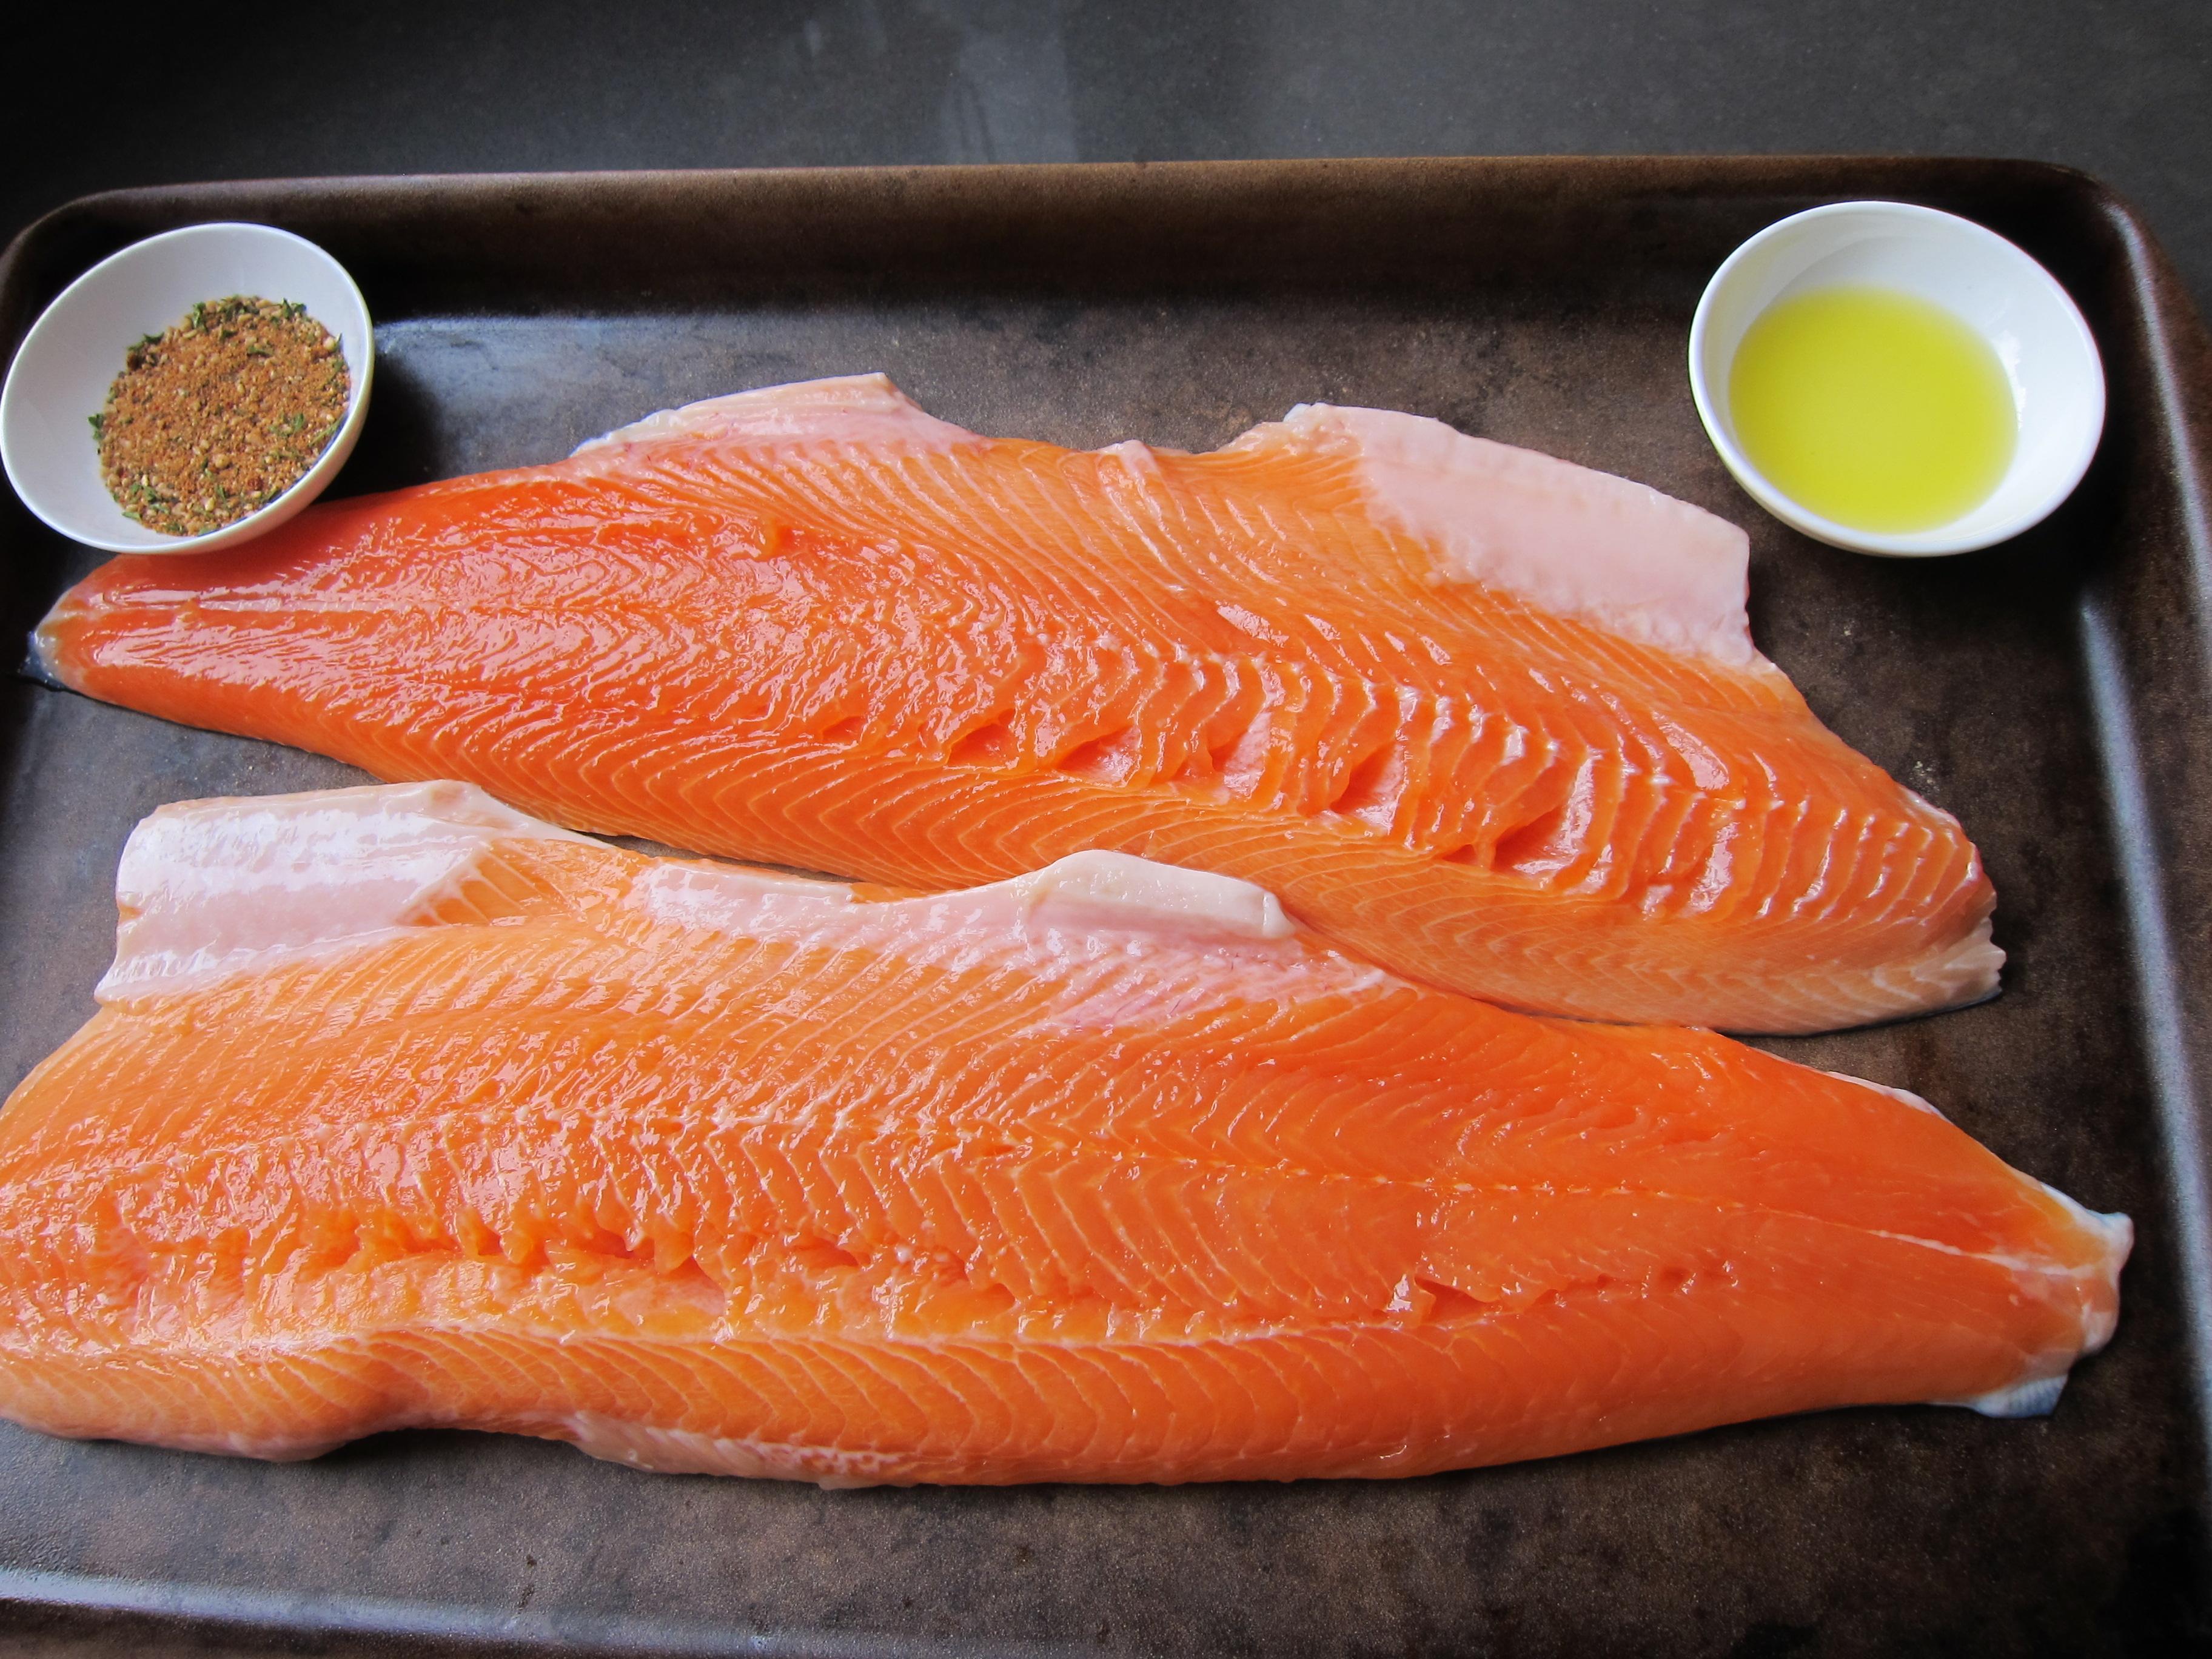 Ποια ψάρια μπορούν να καταναλώνονται με ασφάλεια στην εγκυμοσύνη;